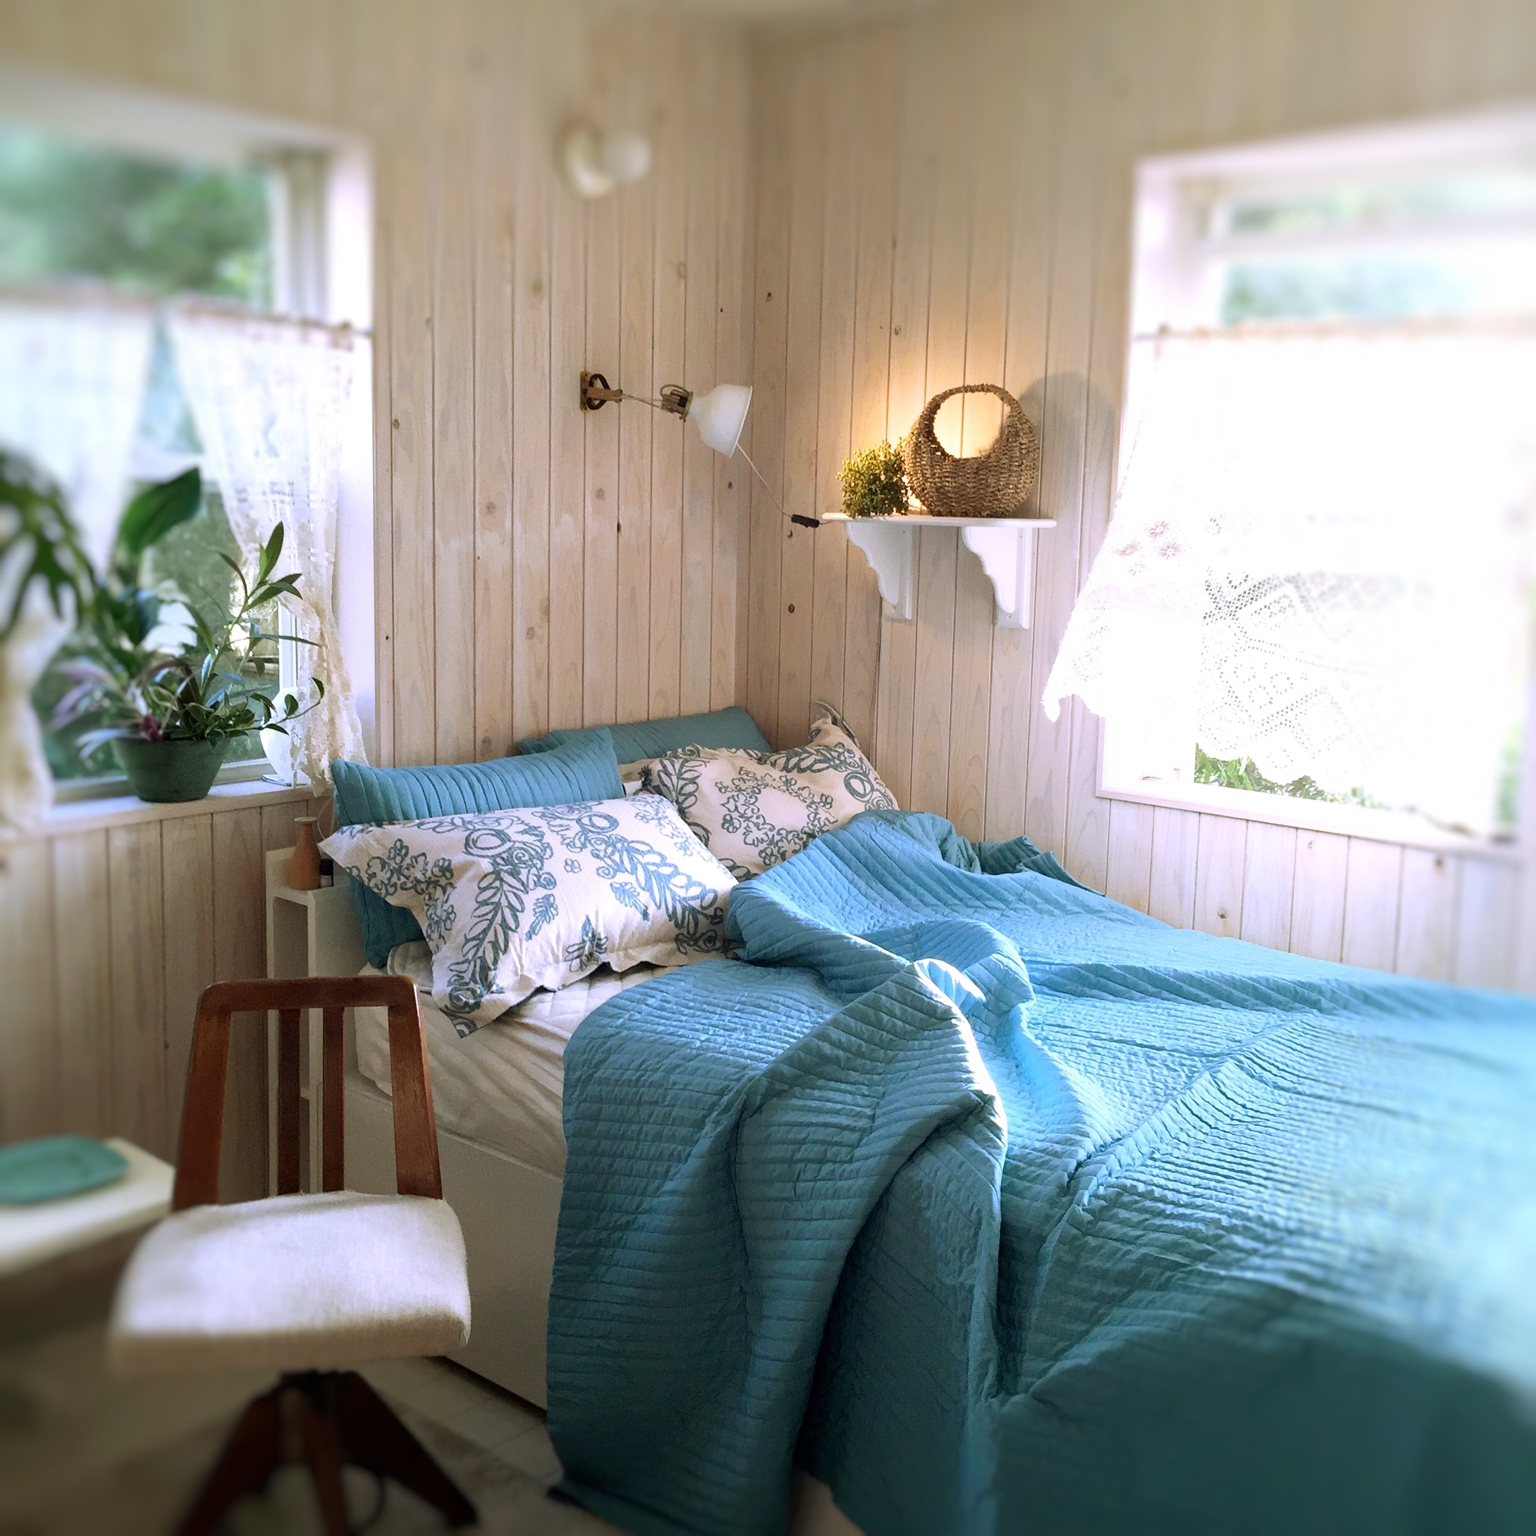 夏を快適に過ごすベッドルームの作り方、10のコツ♪ | RoomClip mag | 暮らしとインテリアのwebマガジン